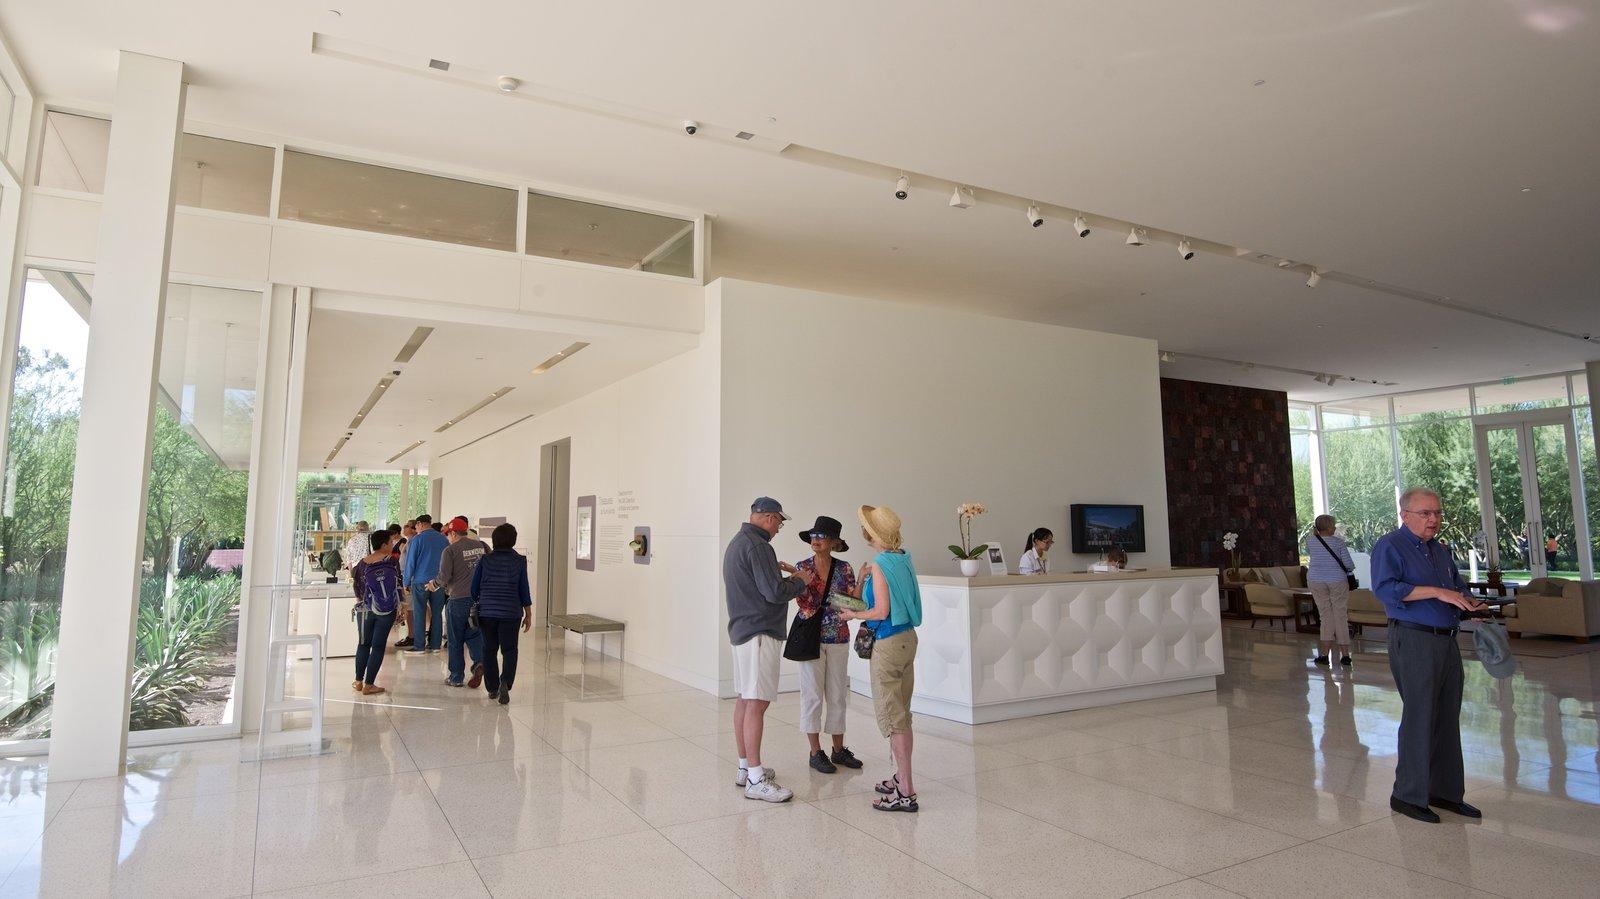 Centro Sunnylands y jardines mostrando vistas interiores y también un pequeño grupo de personas